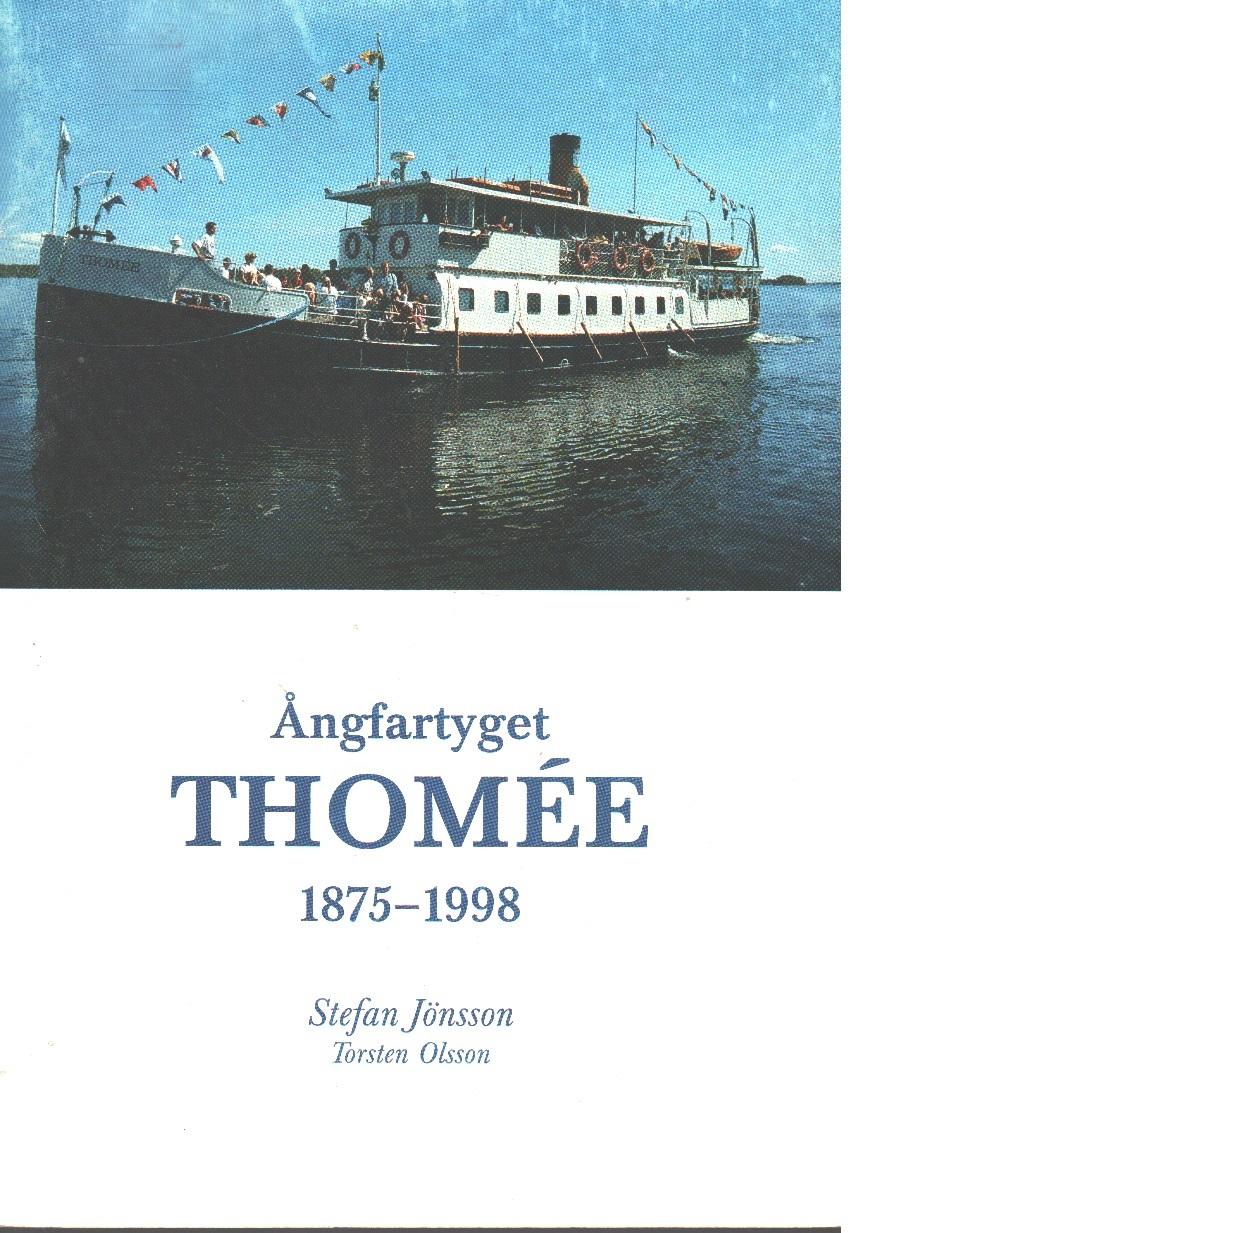 Ångfartyget Thomée : 1875-1998 - Jönsson, Stefan Och Olsson, Torsten